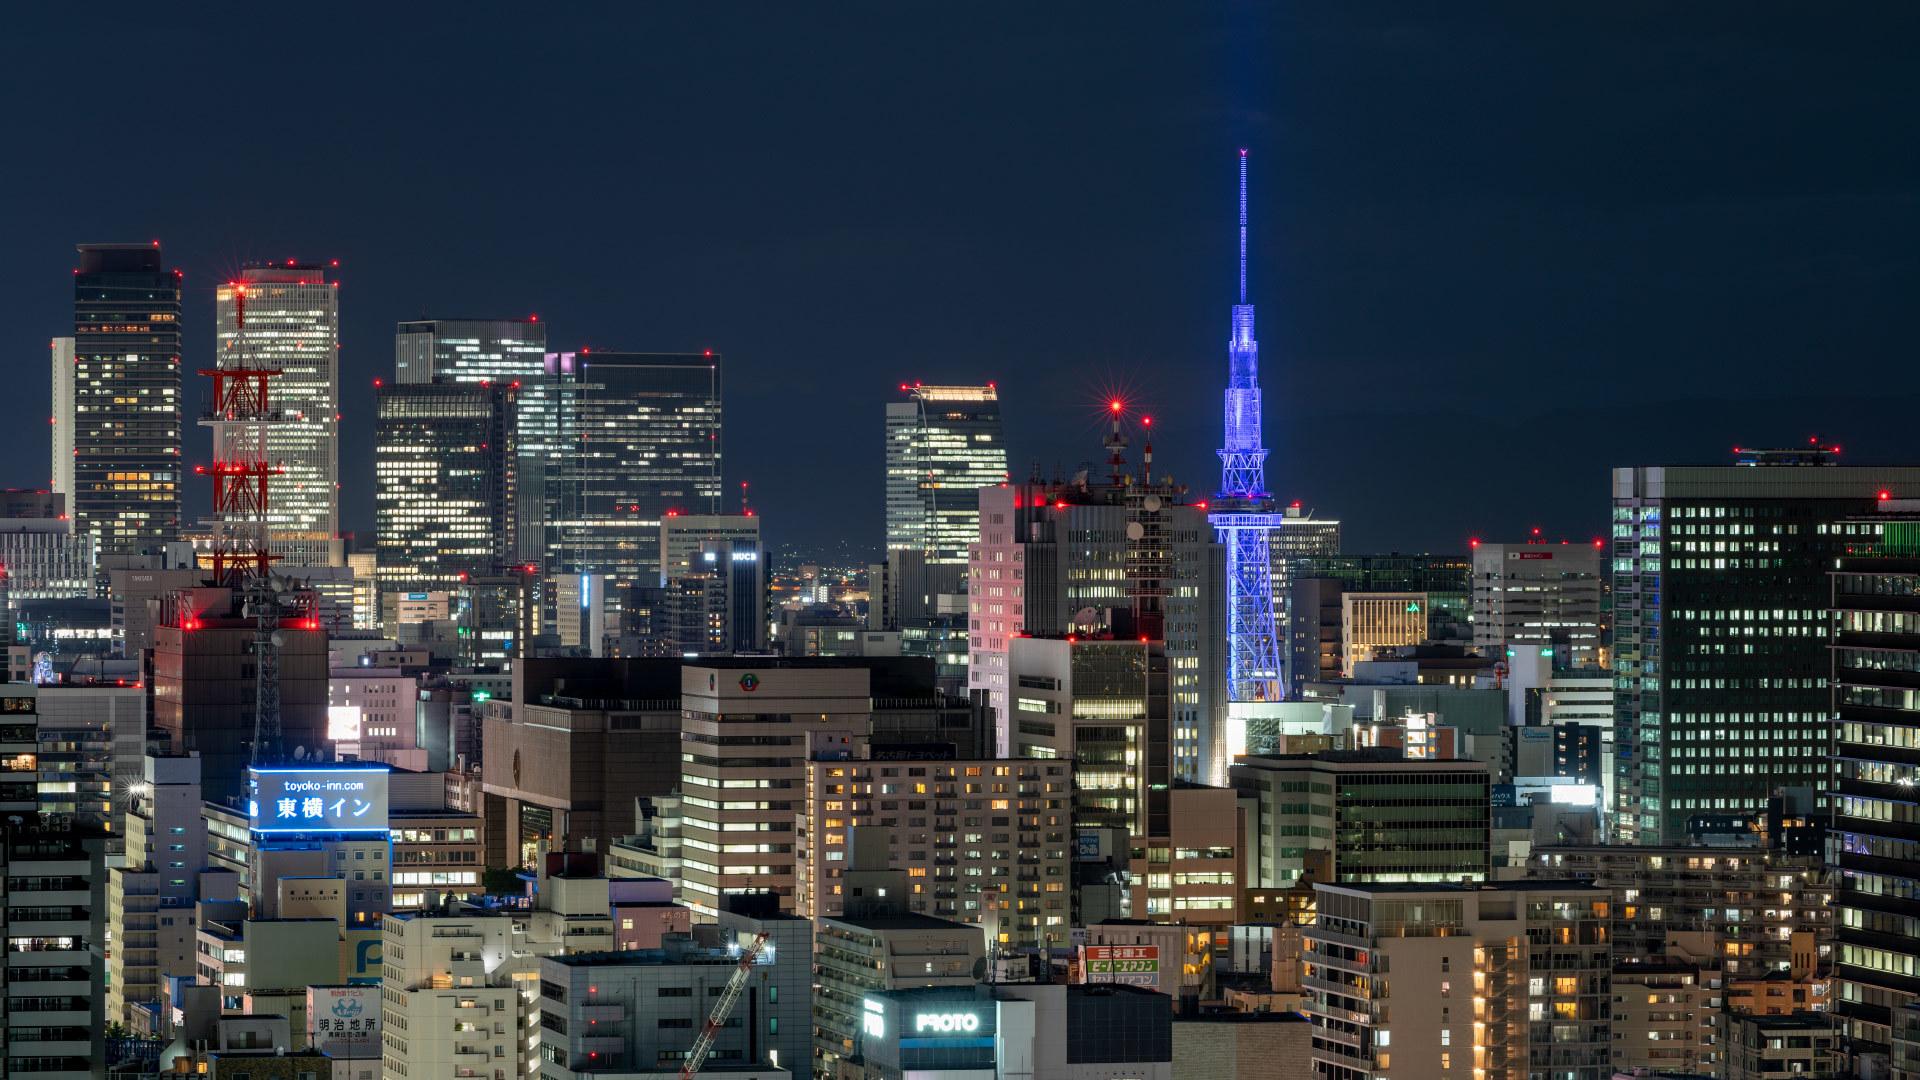 テレビ塔のブルーライトアップ_a0177616_20465991.jpg